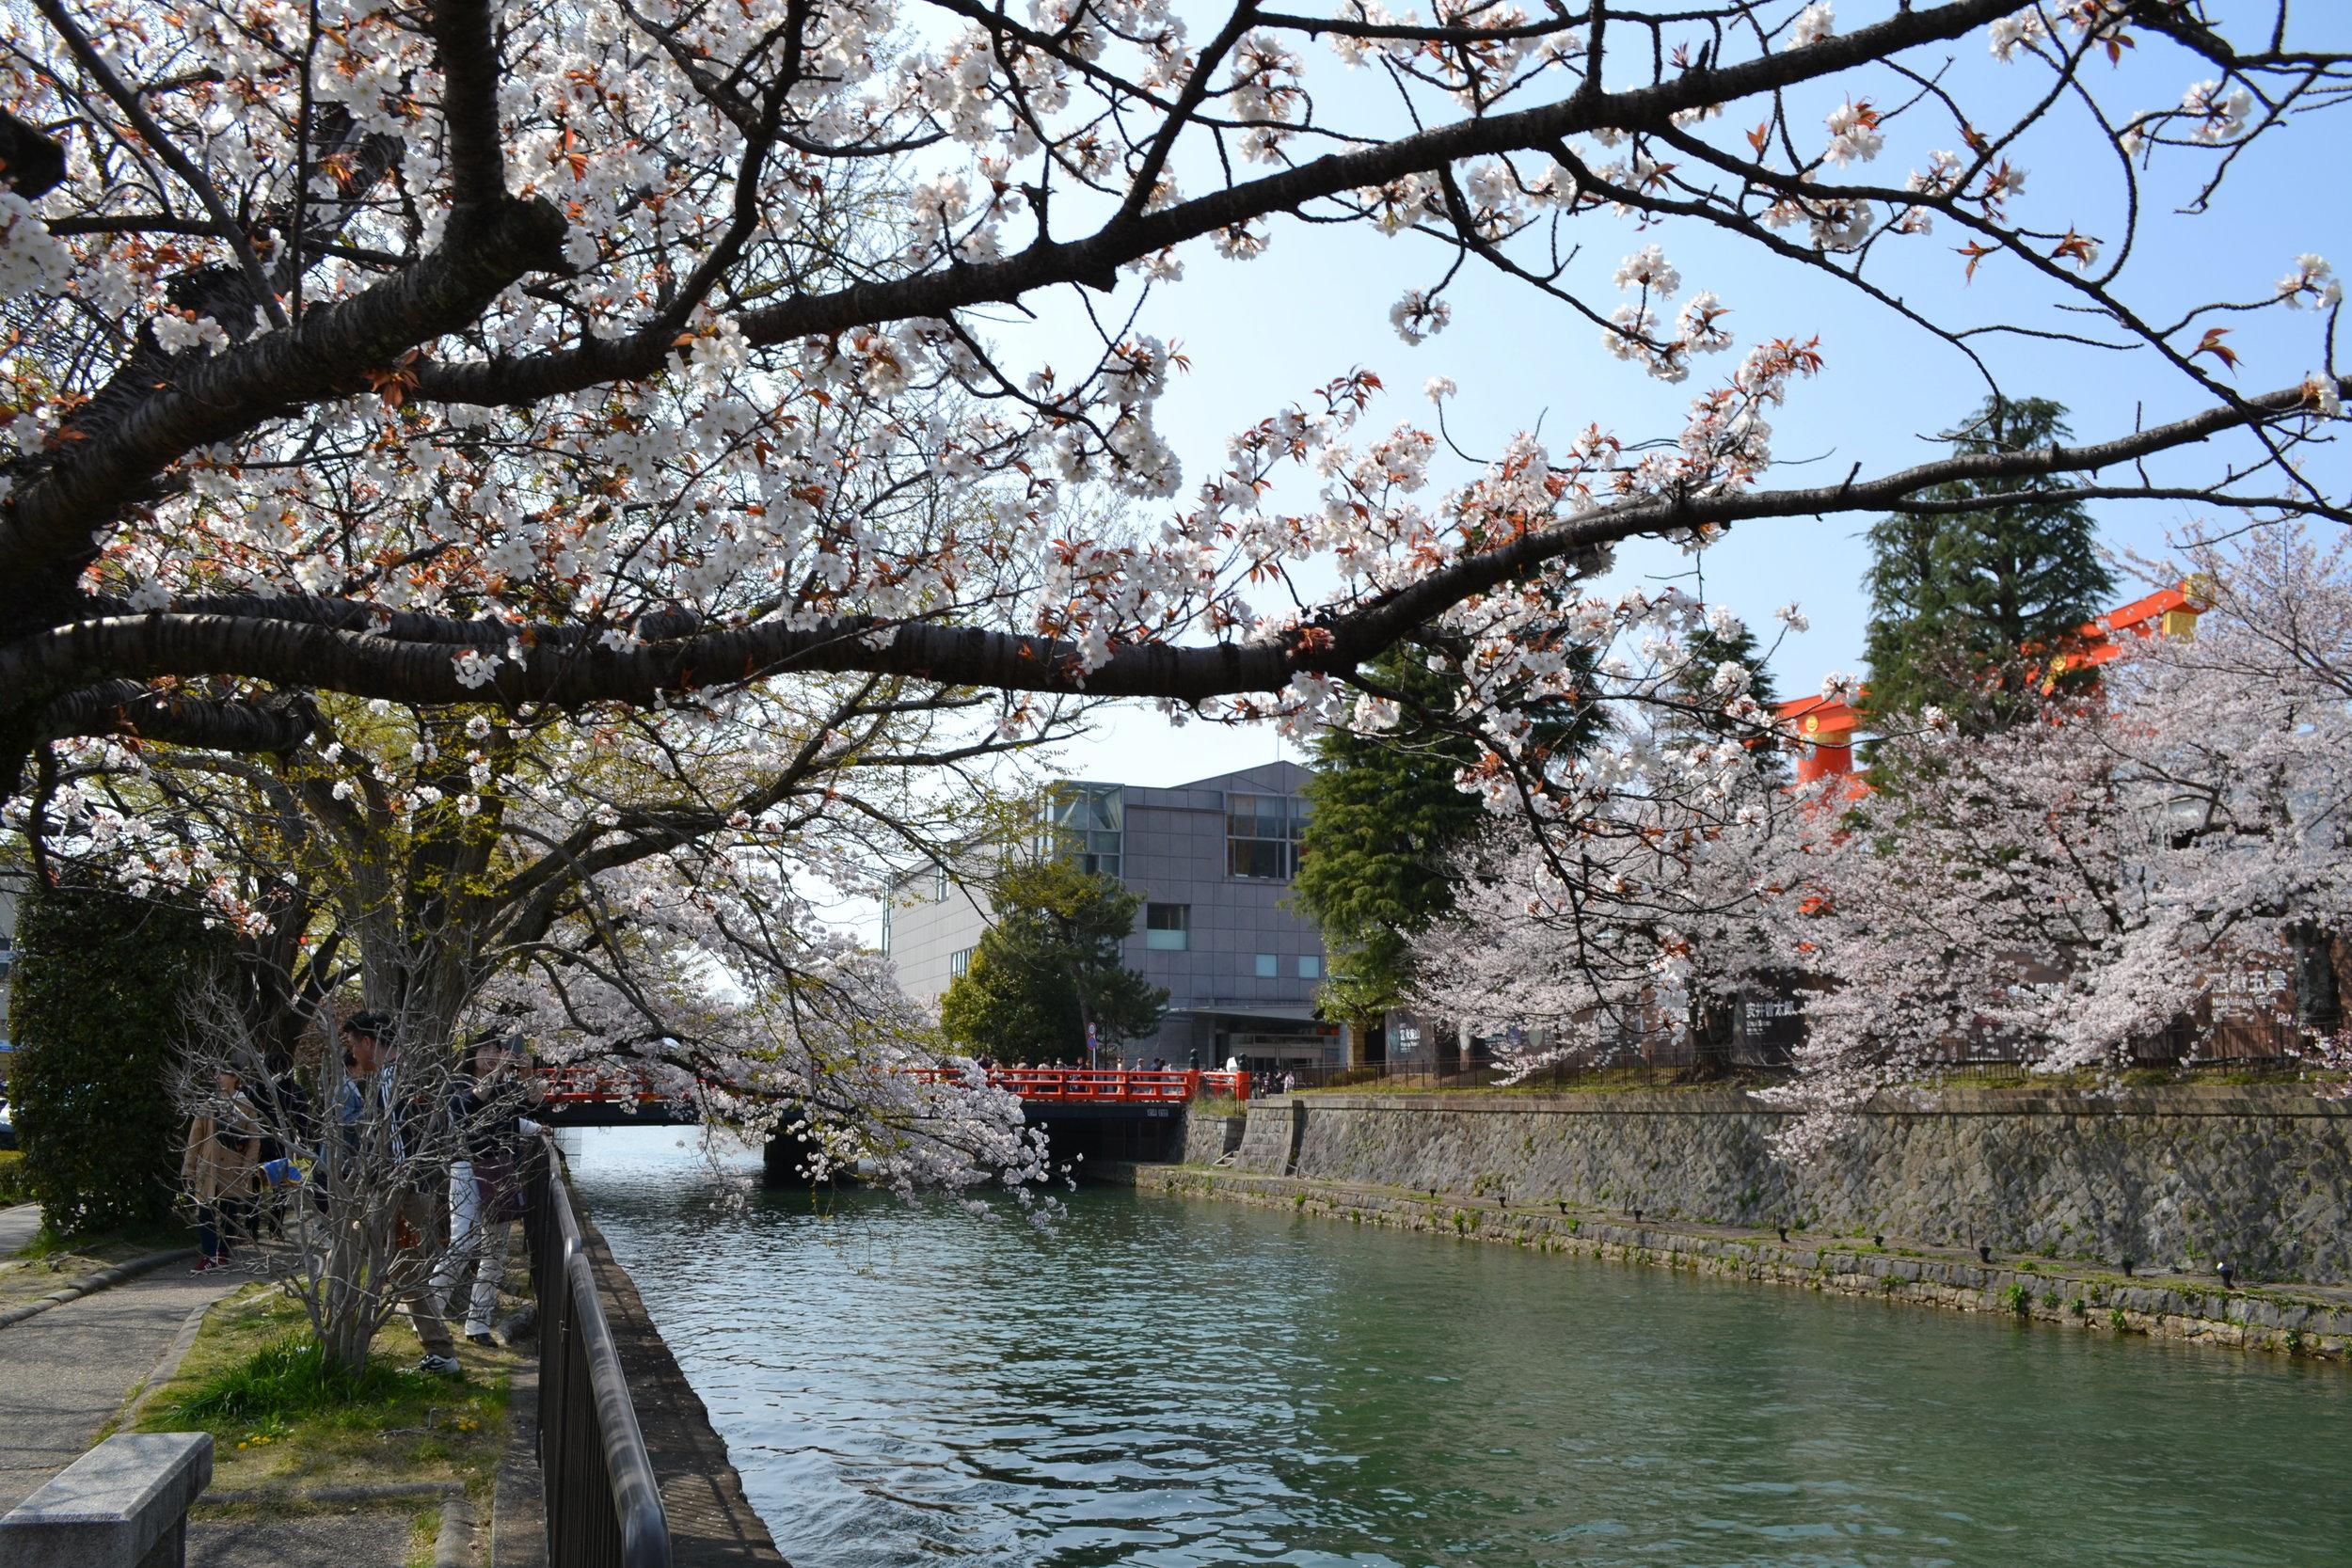 Me paré para tomar fotos del Canal de Okazaki a lado del  torii   del Santuario de Heian detrás de muchas flores de sakura. ¡Que lindo el color de la agua!